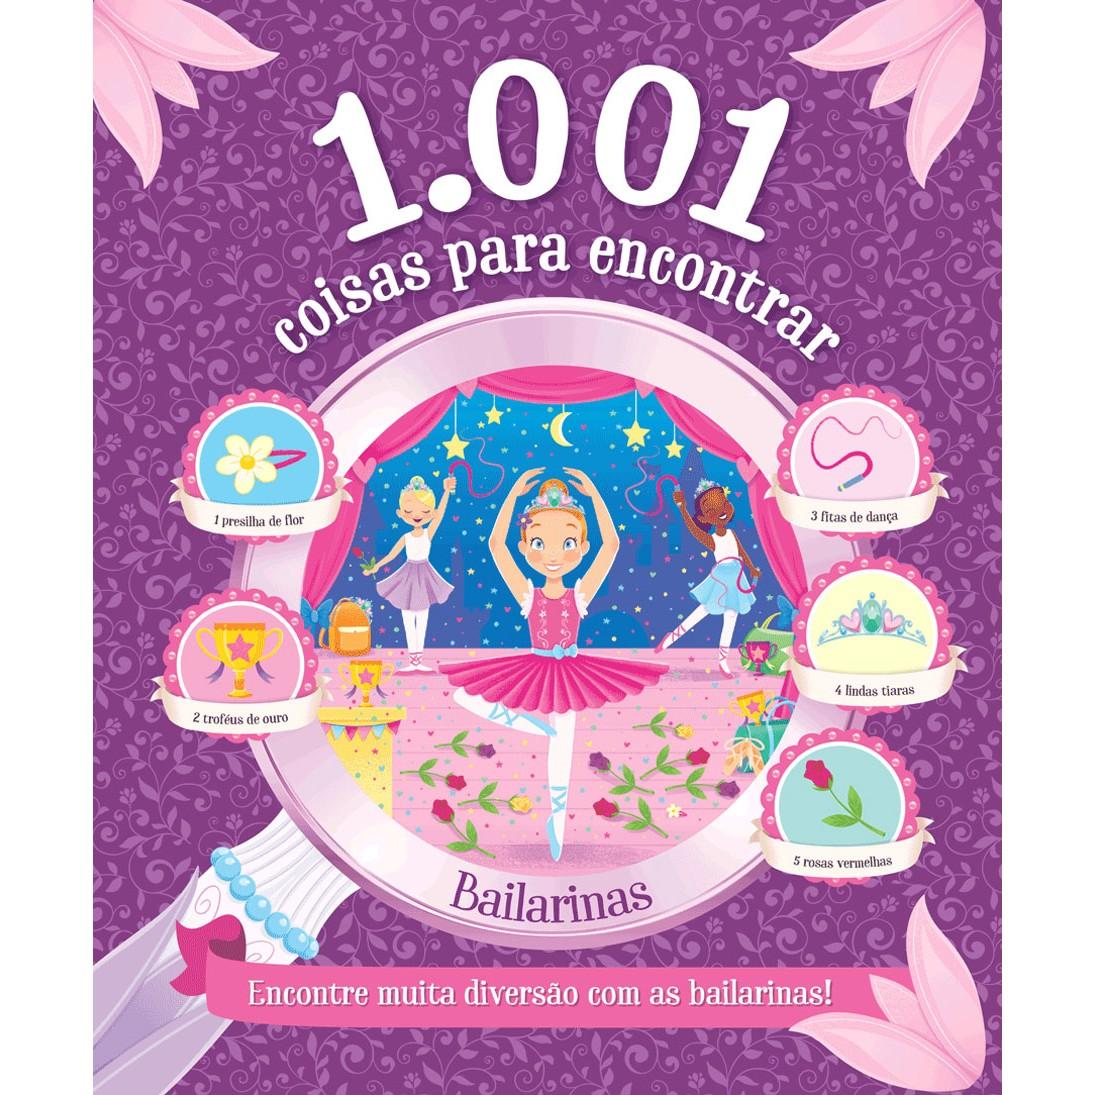 Livro 1001 Coisas para Encontrar Bailarinas - Ciranda Cultural